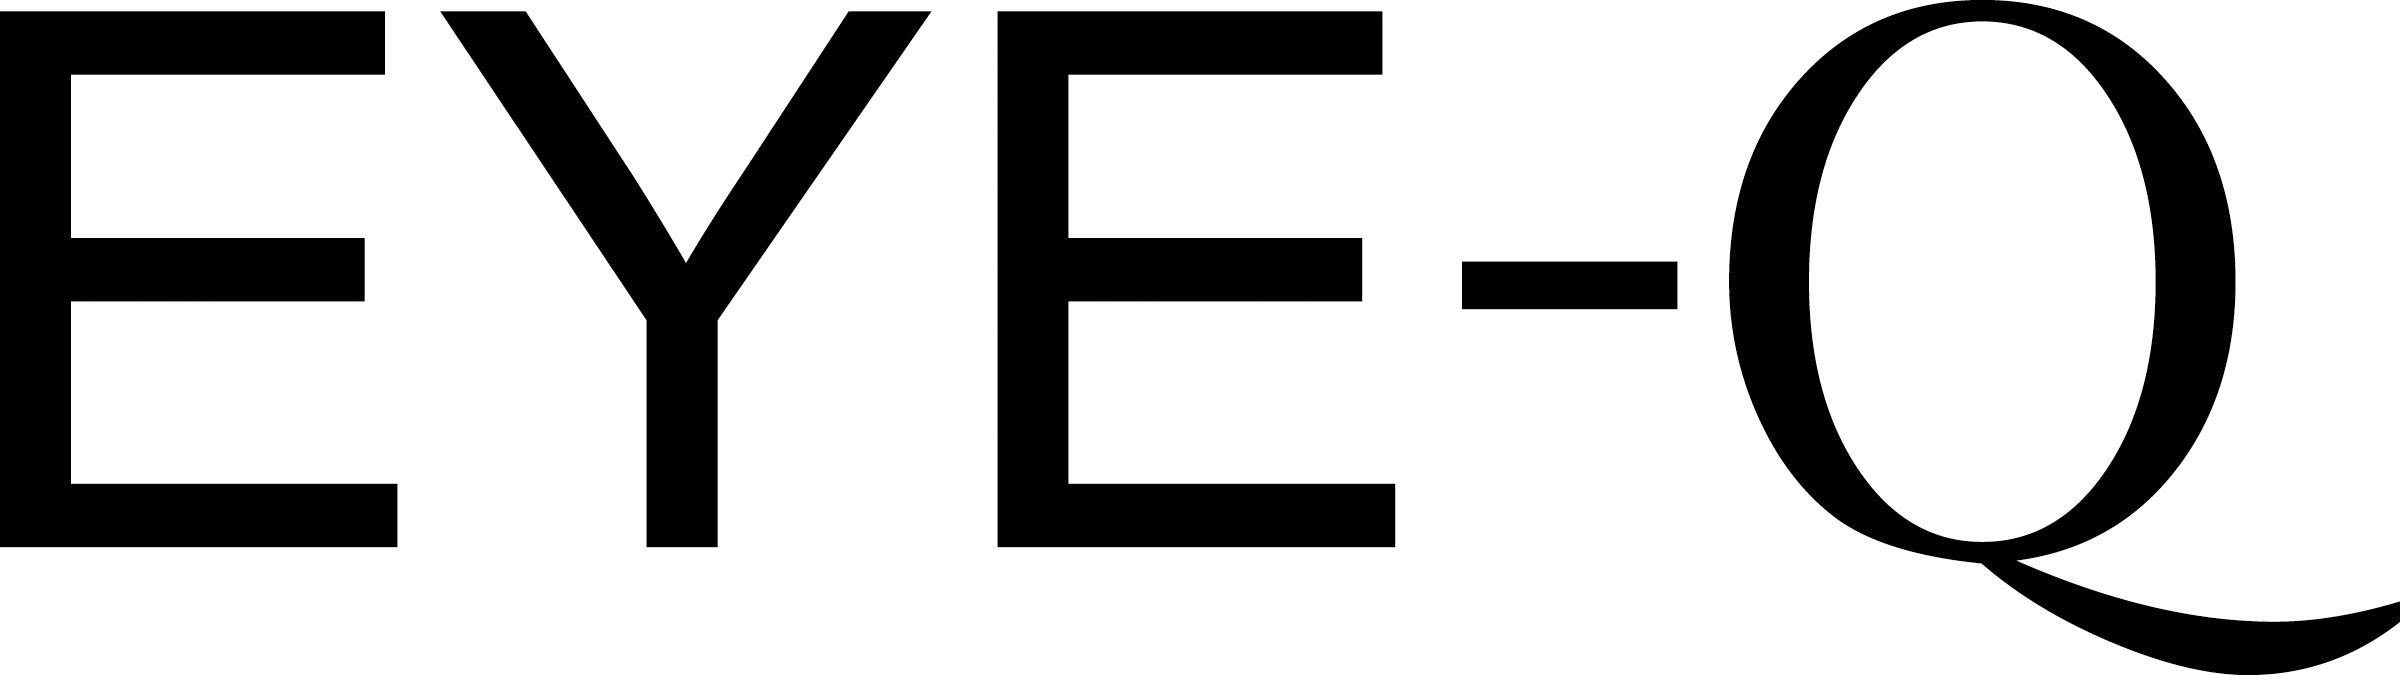 Eyeqlogo.jpg